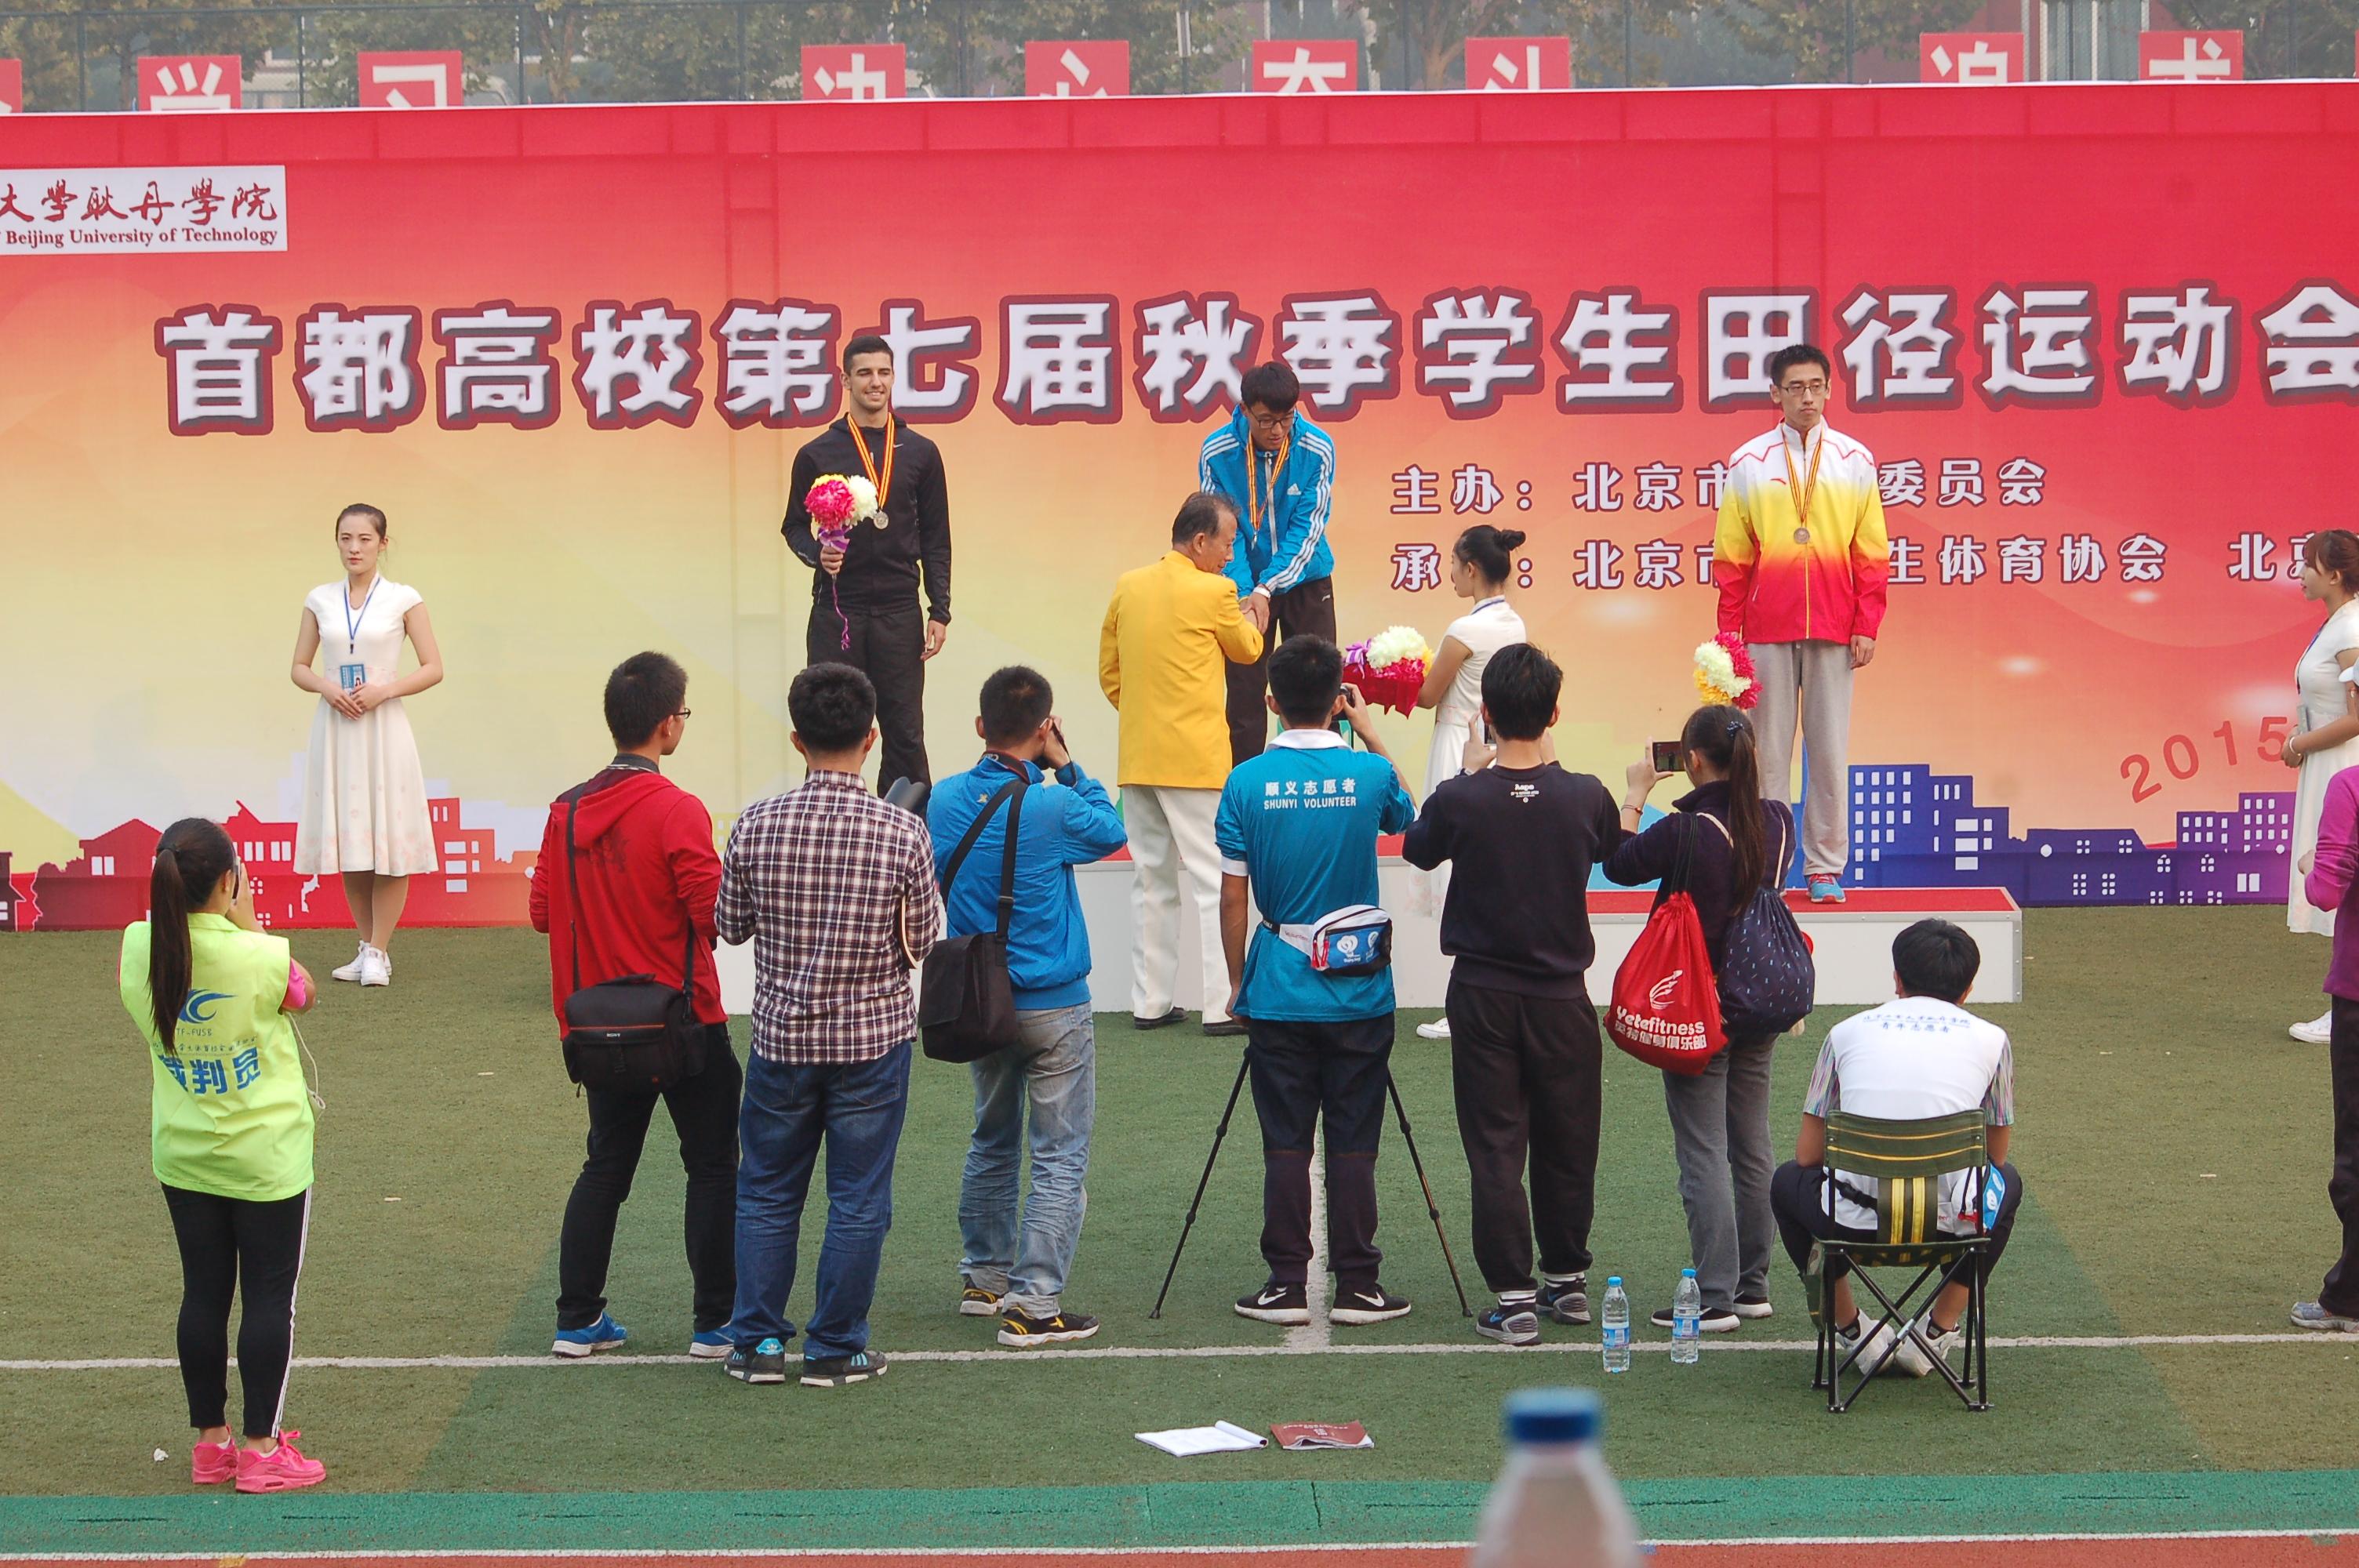 首都大学生田径运动会周末北工大耿丹学院开赛-男生运动员获得单项图片